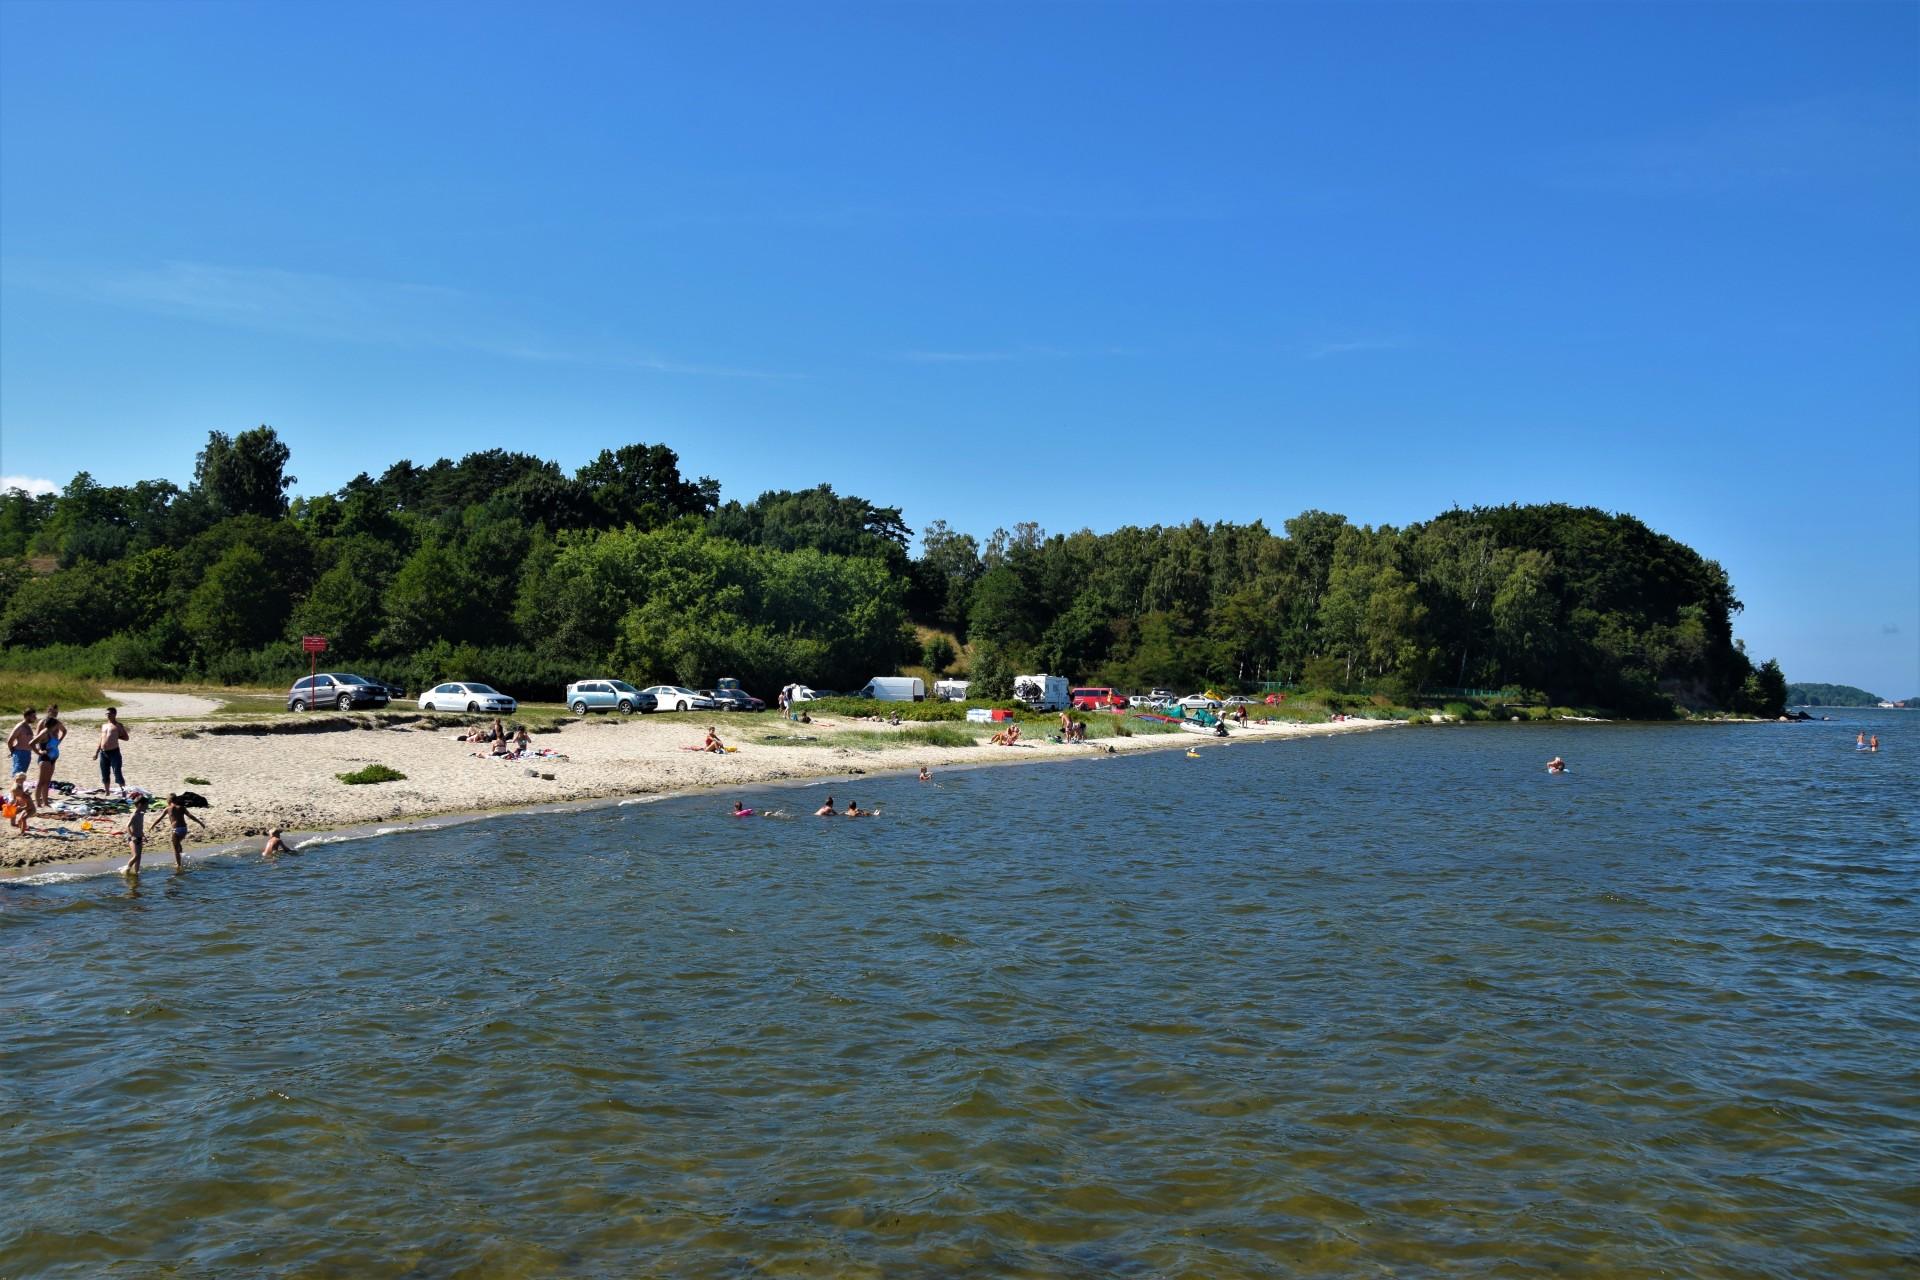 Cicha kameralna plaża w Osłoninie i Rzucewie. Plażing chodzony 8